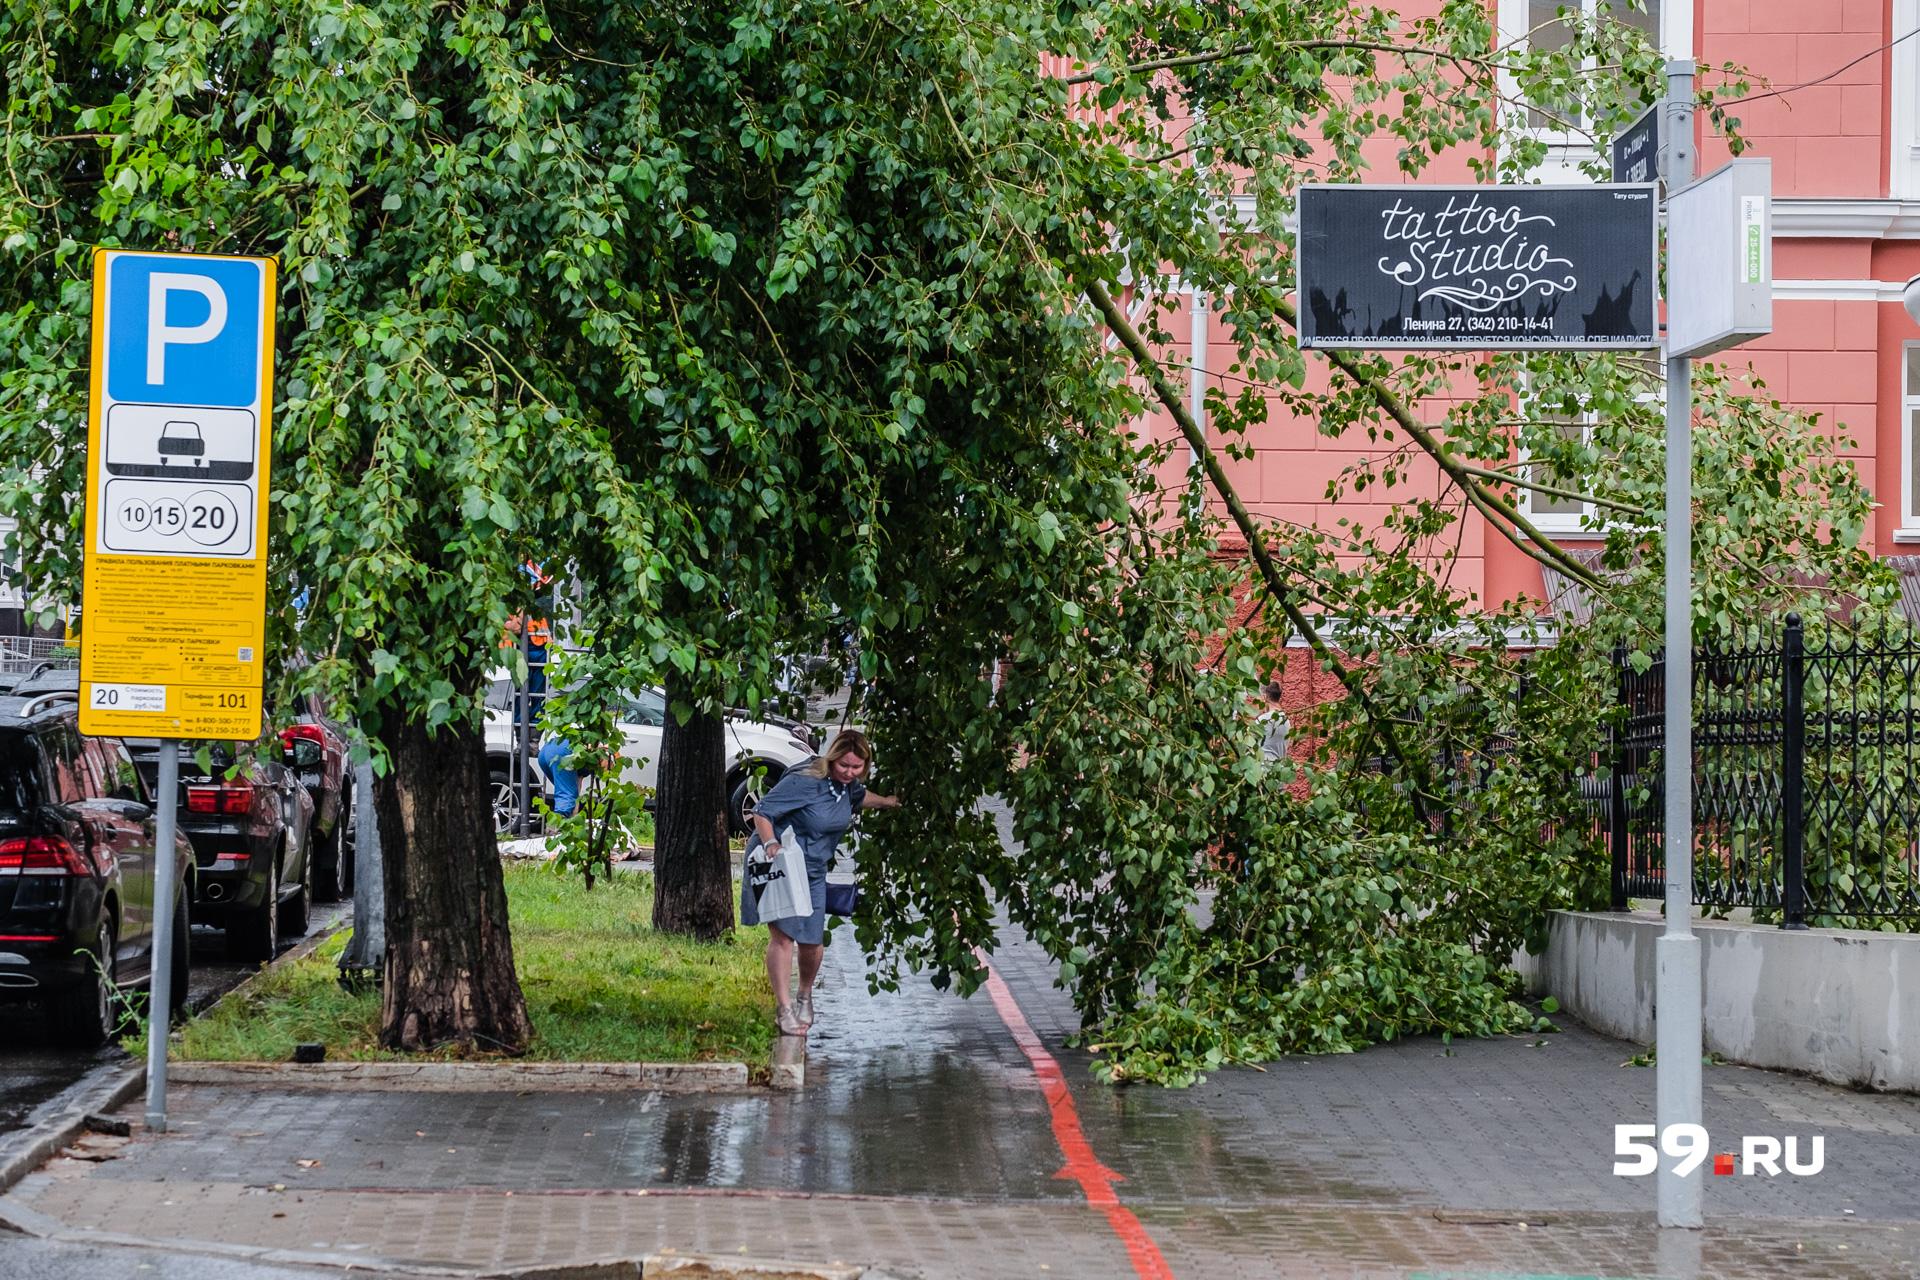 Ходить мимо таких деревьев опасно